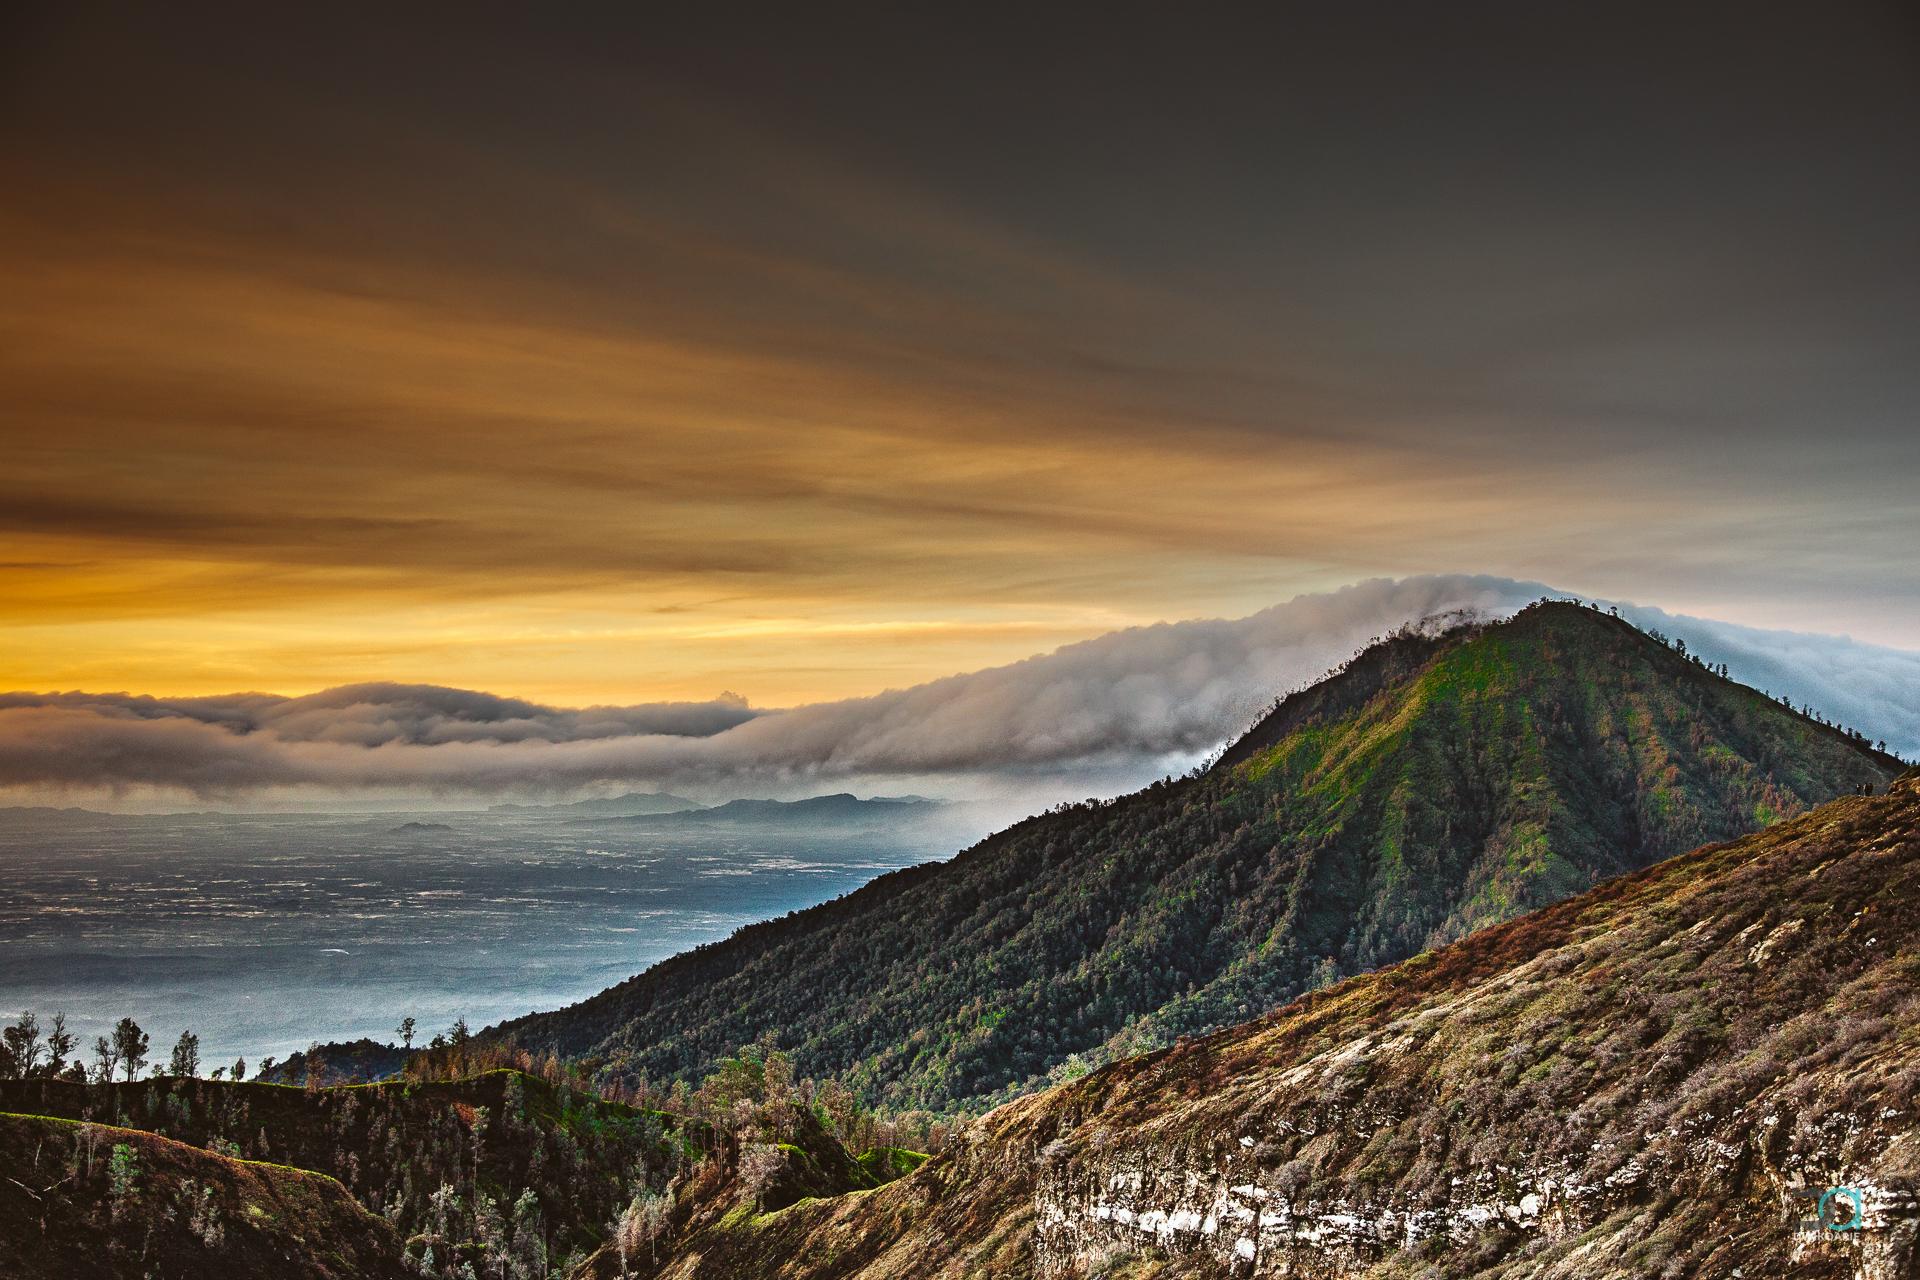 sunrise-kawah-ijen-banyuwangi